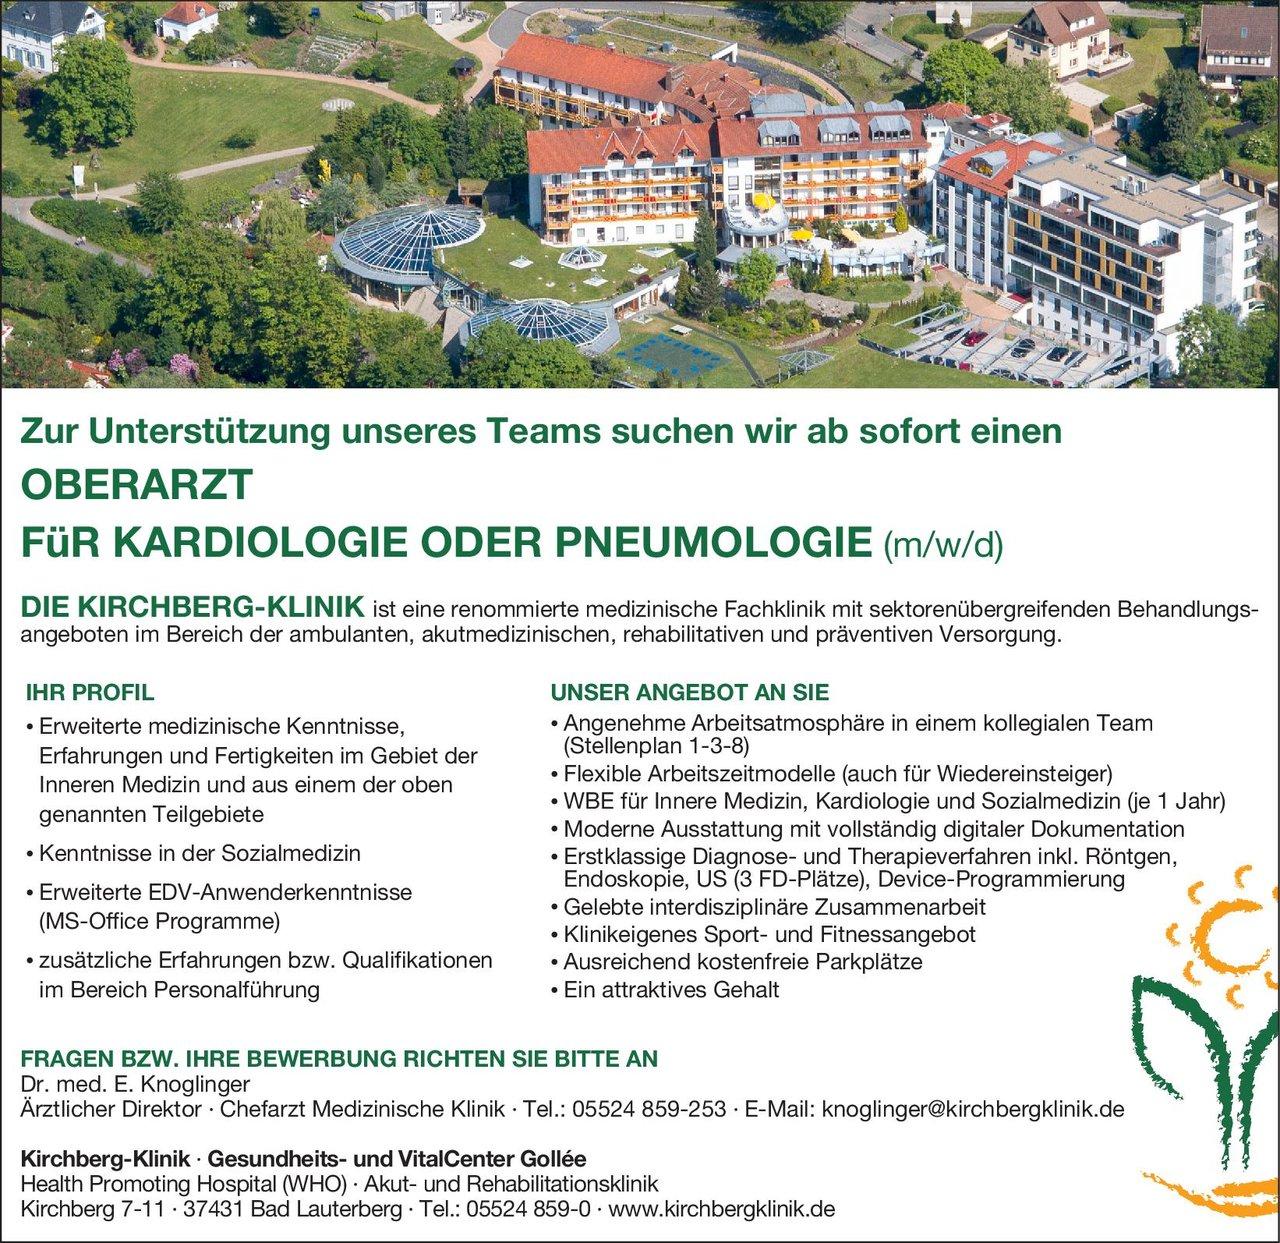 Kirchberg-Klinik Oberarzt für Kardiologie oder Pneumologie (m/w/d)  Innere Medizin und Kardiologie, Innere Medizin und Pneumologie, Innere Medizin Oberarzt